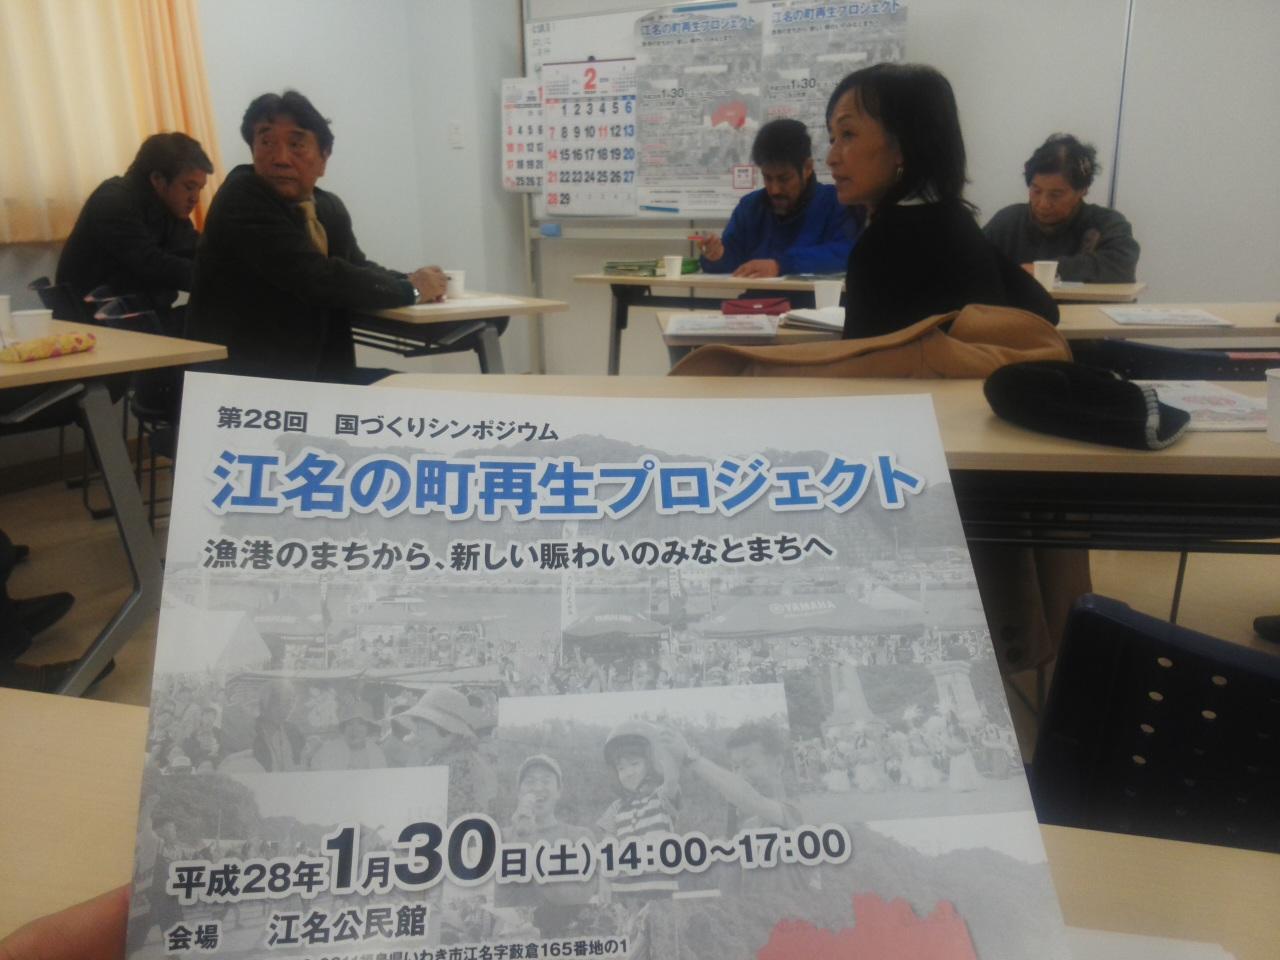 江名の町再生へ、1.30シンポジウム_e0068696_9222063.jpg